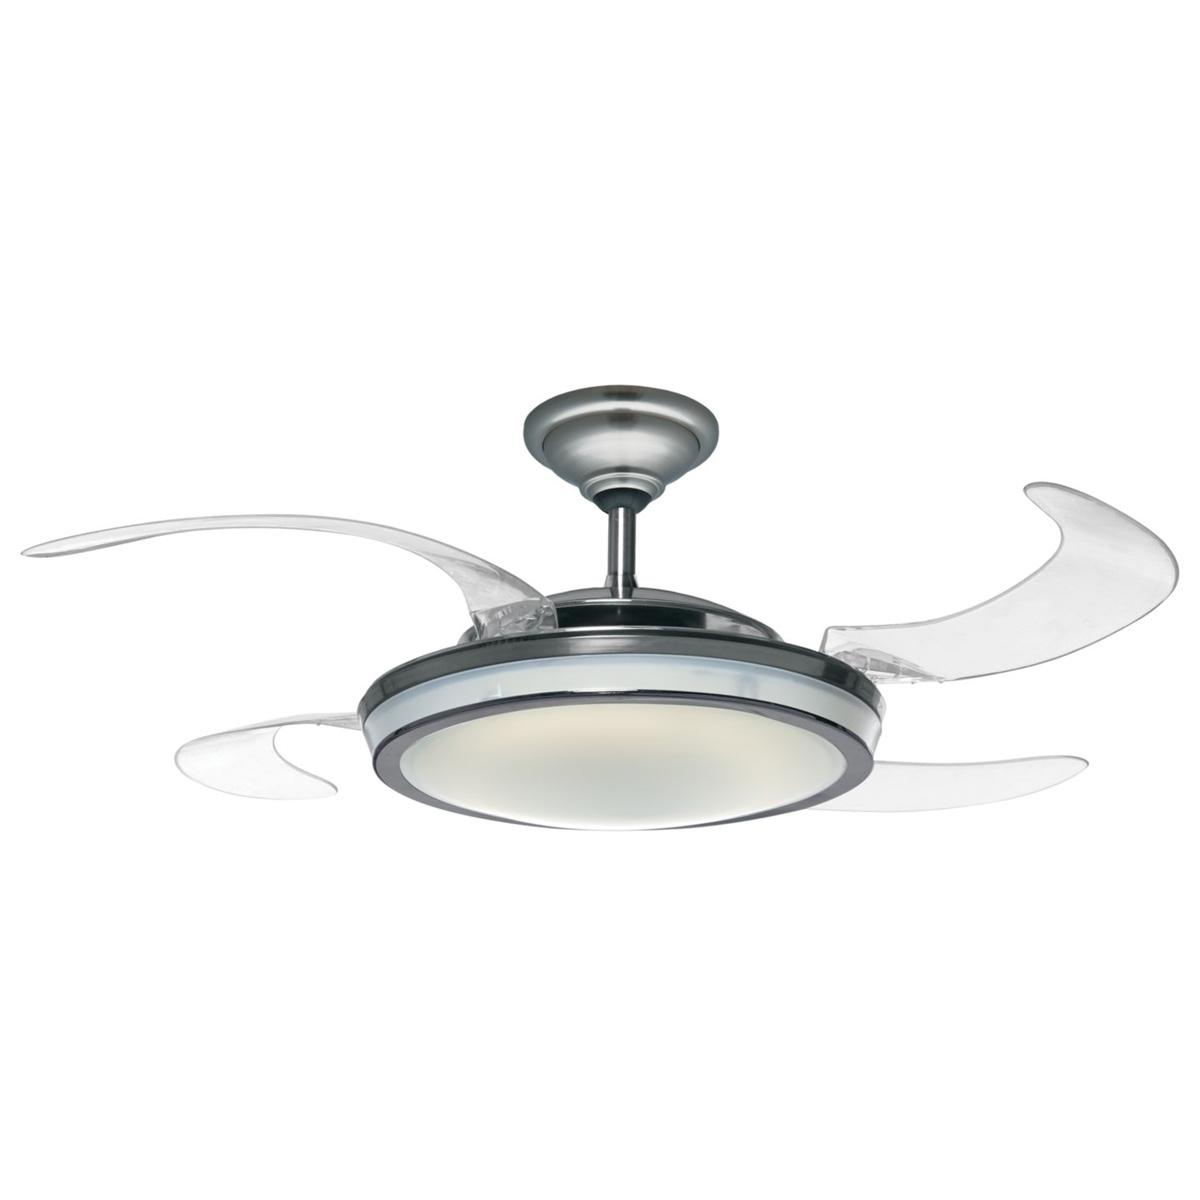 hunter ceiling fan light photo - 8